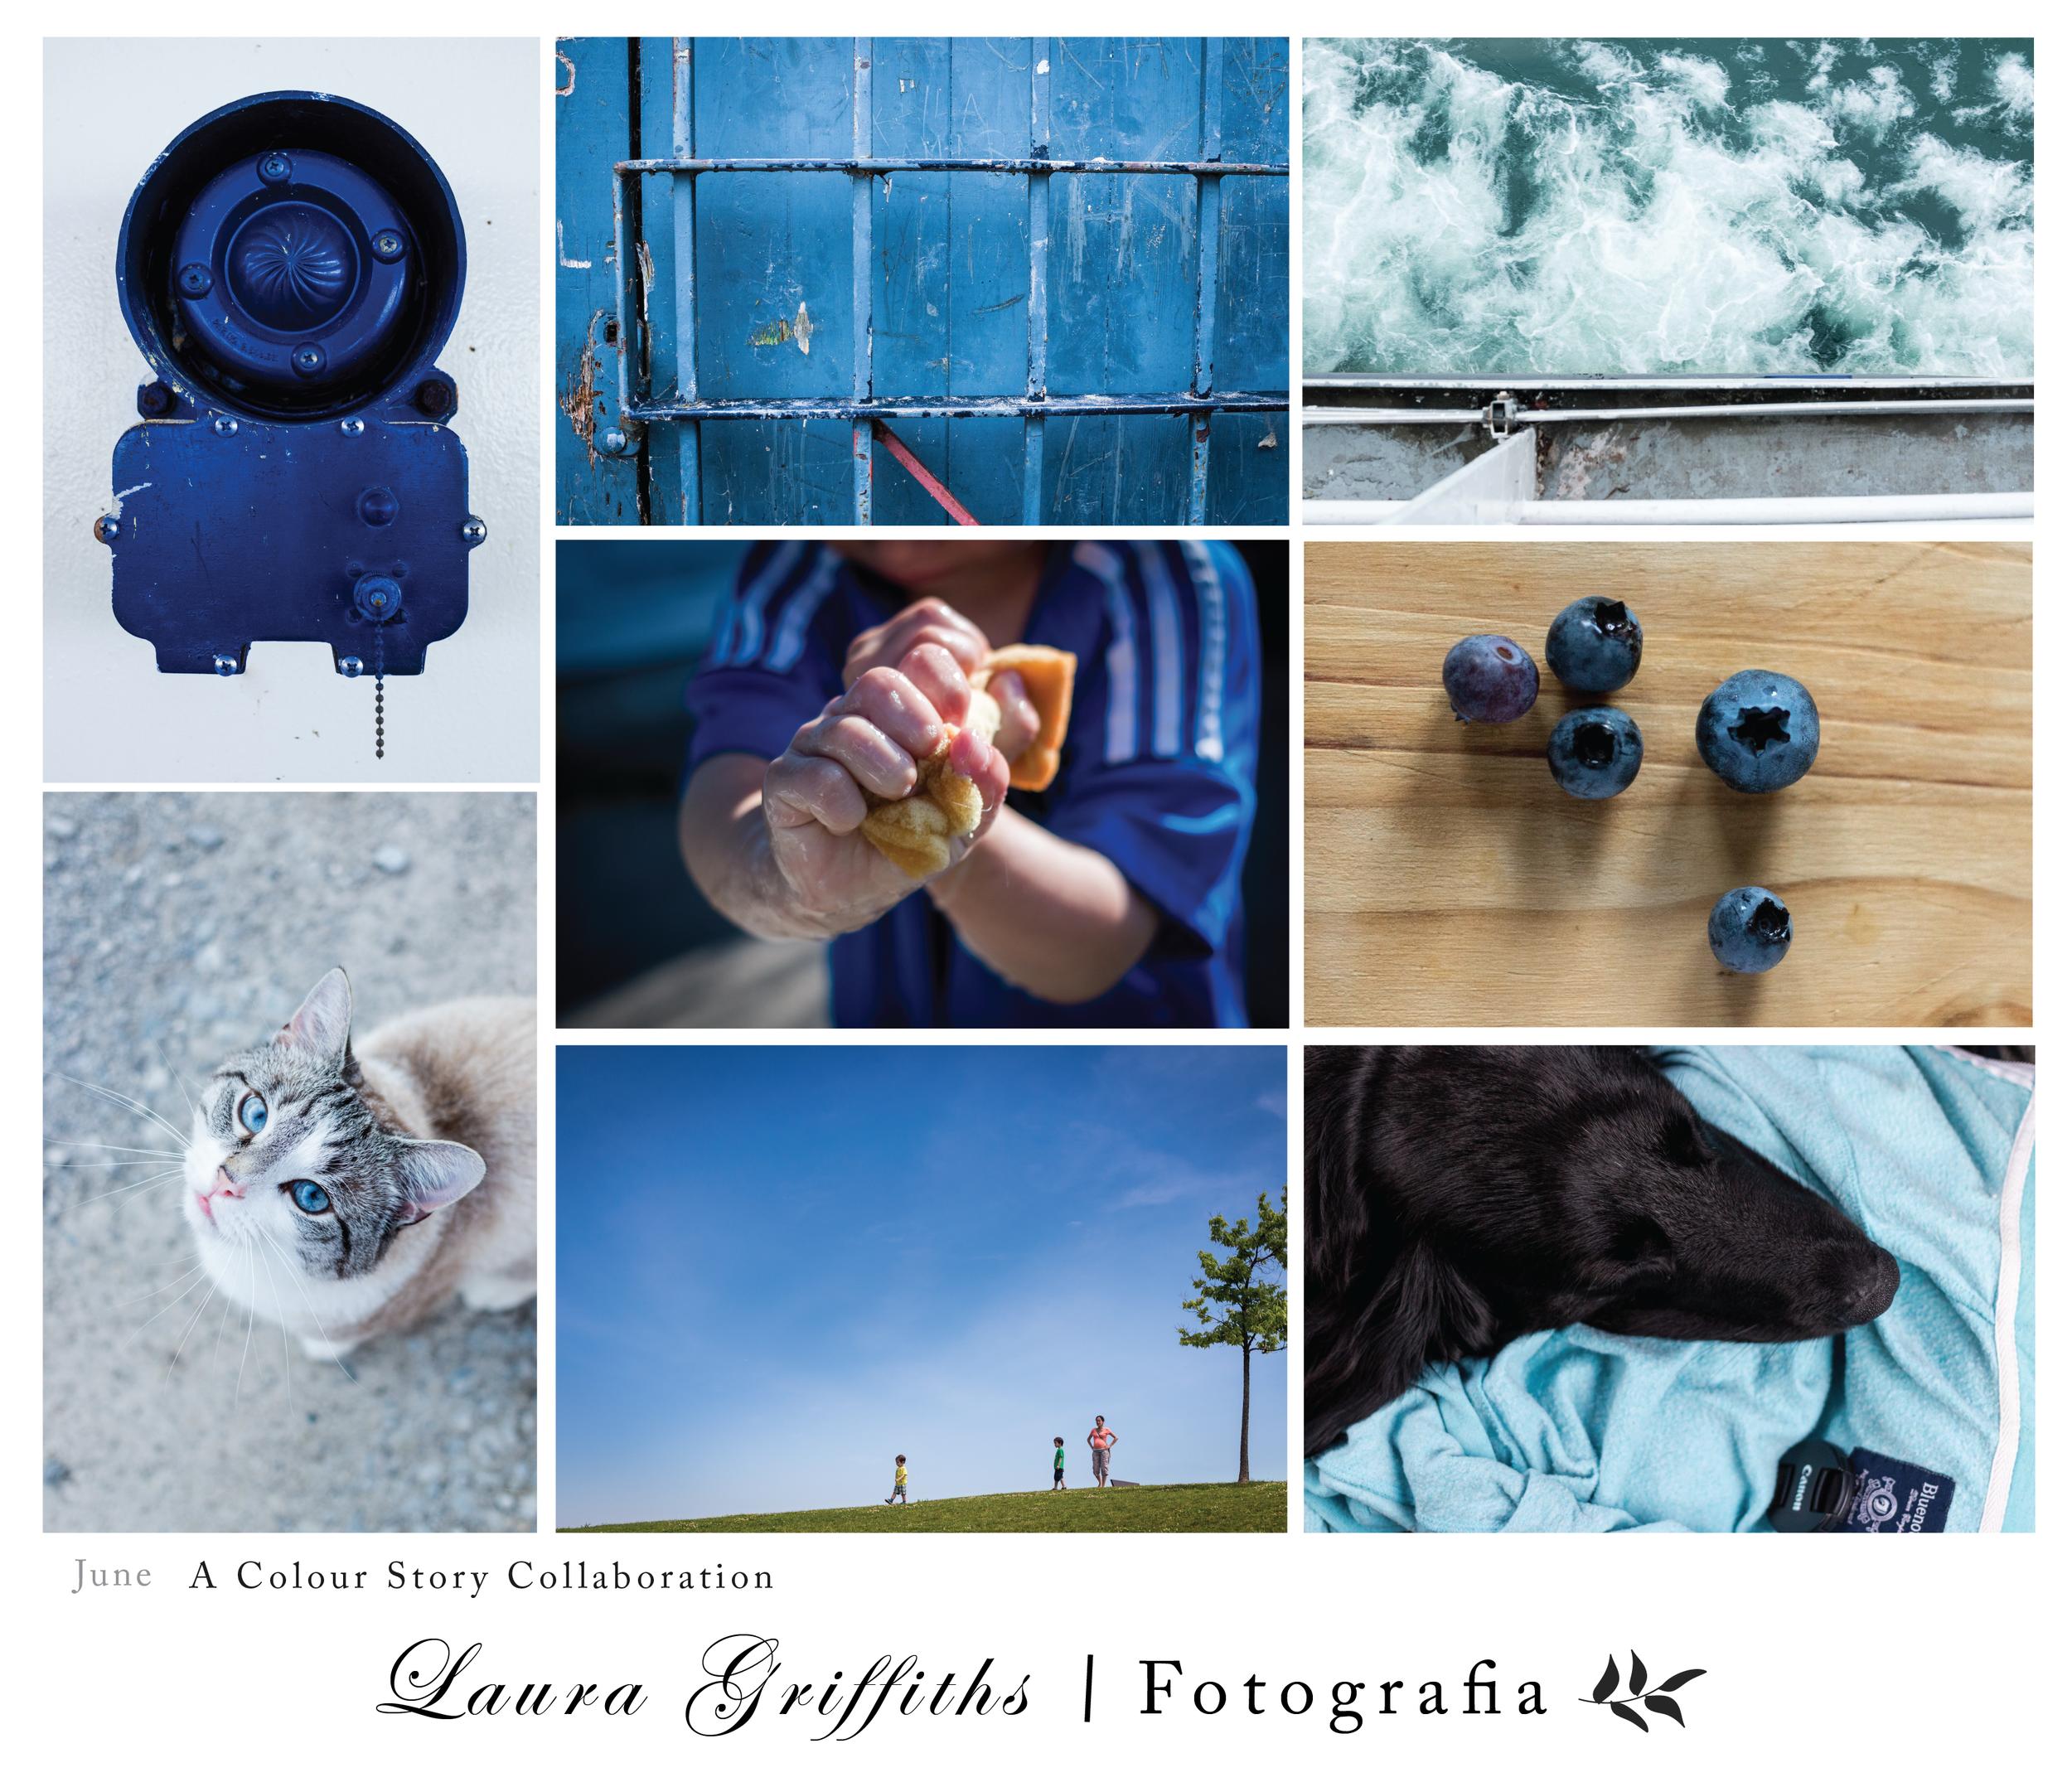 A Color Story Collaboration Laura Griffiths Fotografia Blue blu June